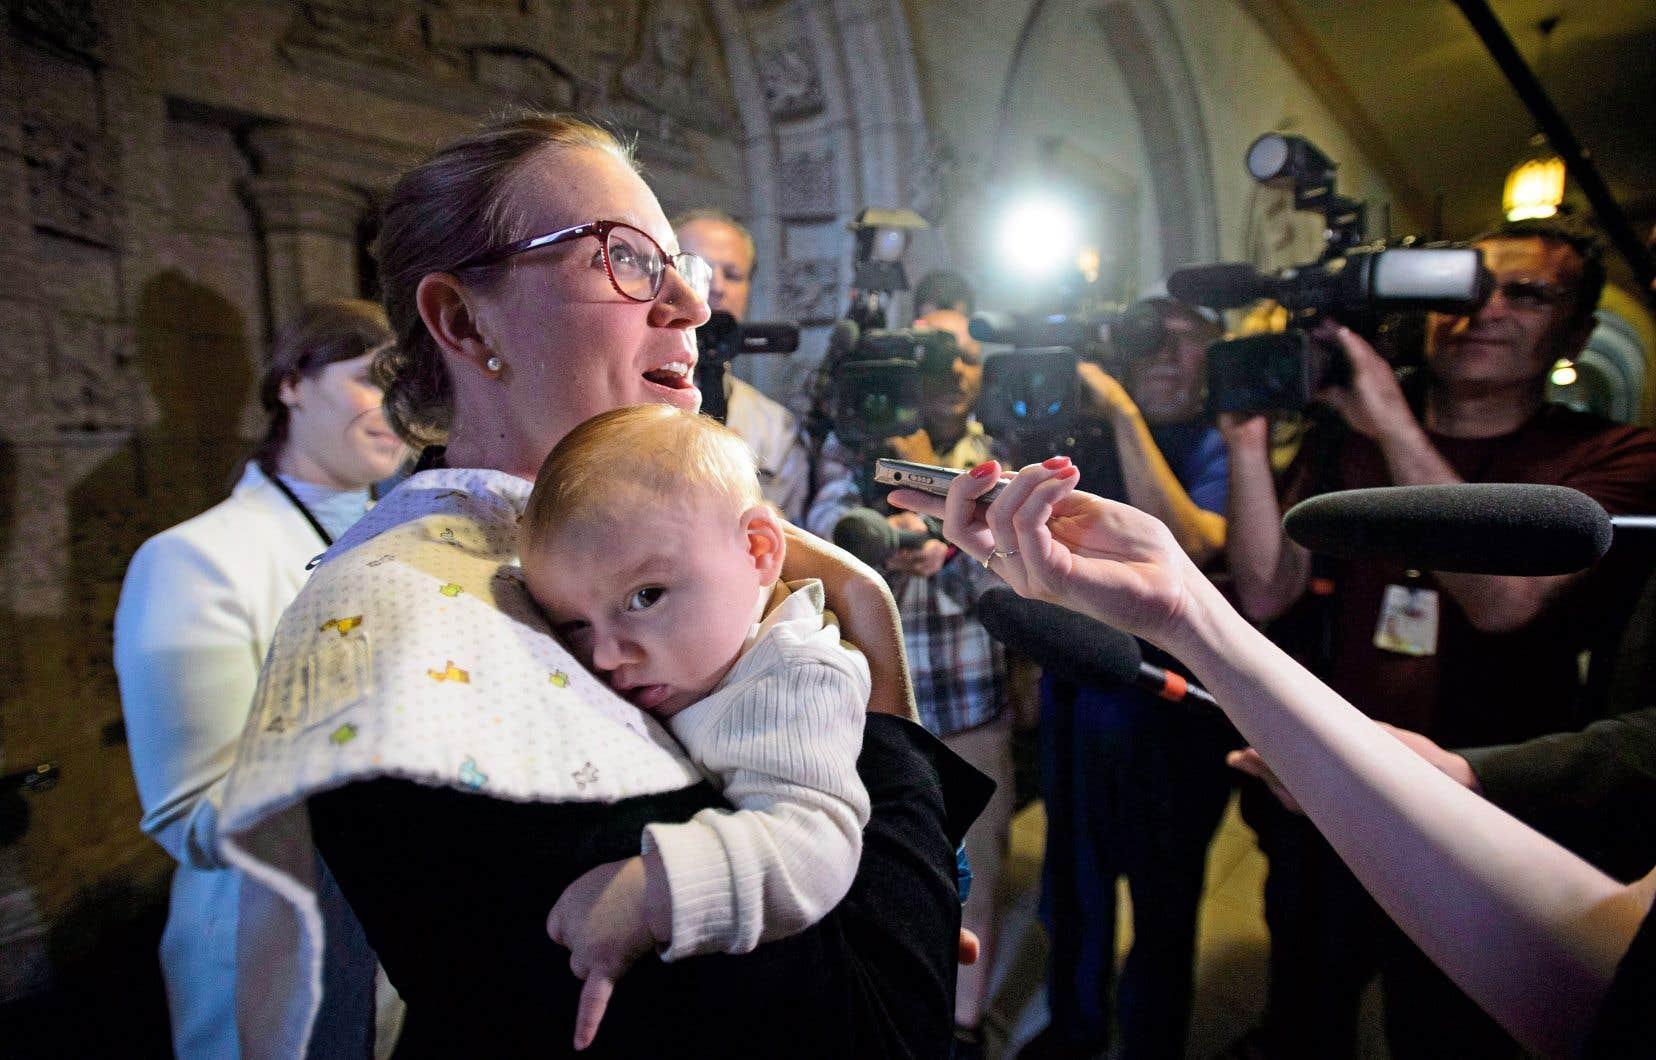 La ministre fédérale Karina Gould photographiée lors d'un point de presse avec son bébé dans les bras